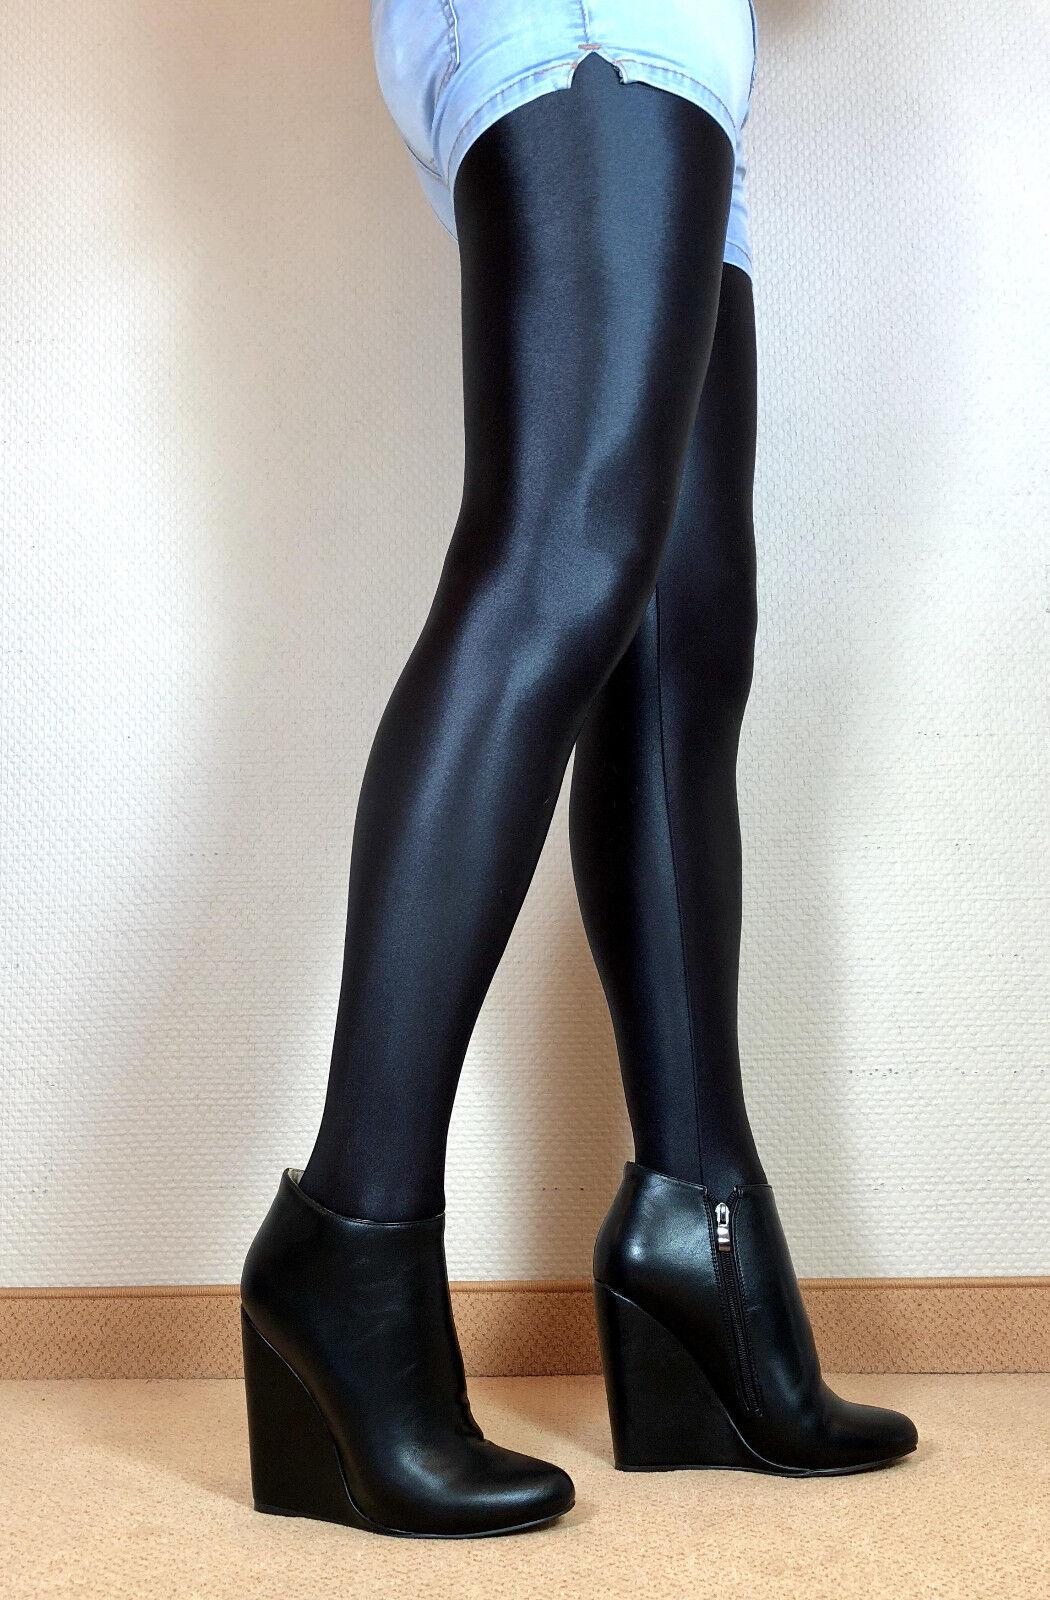 en exclusiva sexy tacón alto zapatos señora Wedges Booties mujers botas f3